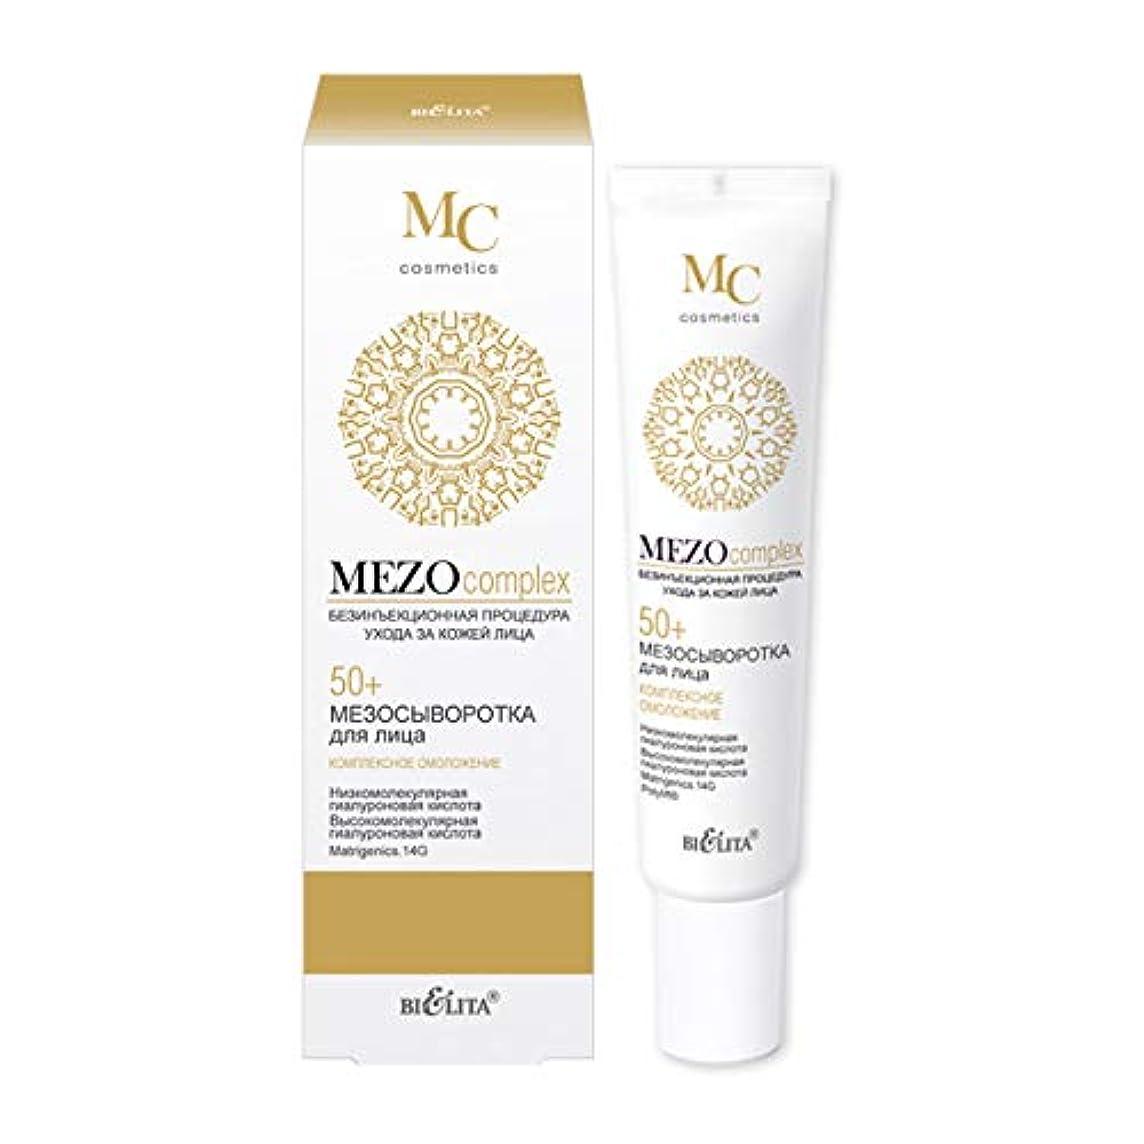 ベルトコンパス検体Mezo complex | Mezo Serum Complex 50+ | Non-injection facial skin care procedure | Hyaluronic acid | Matrigenics...